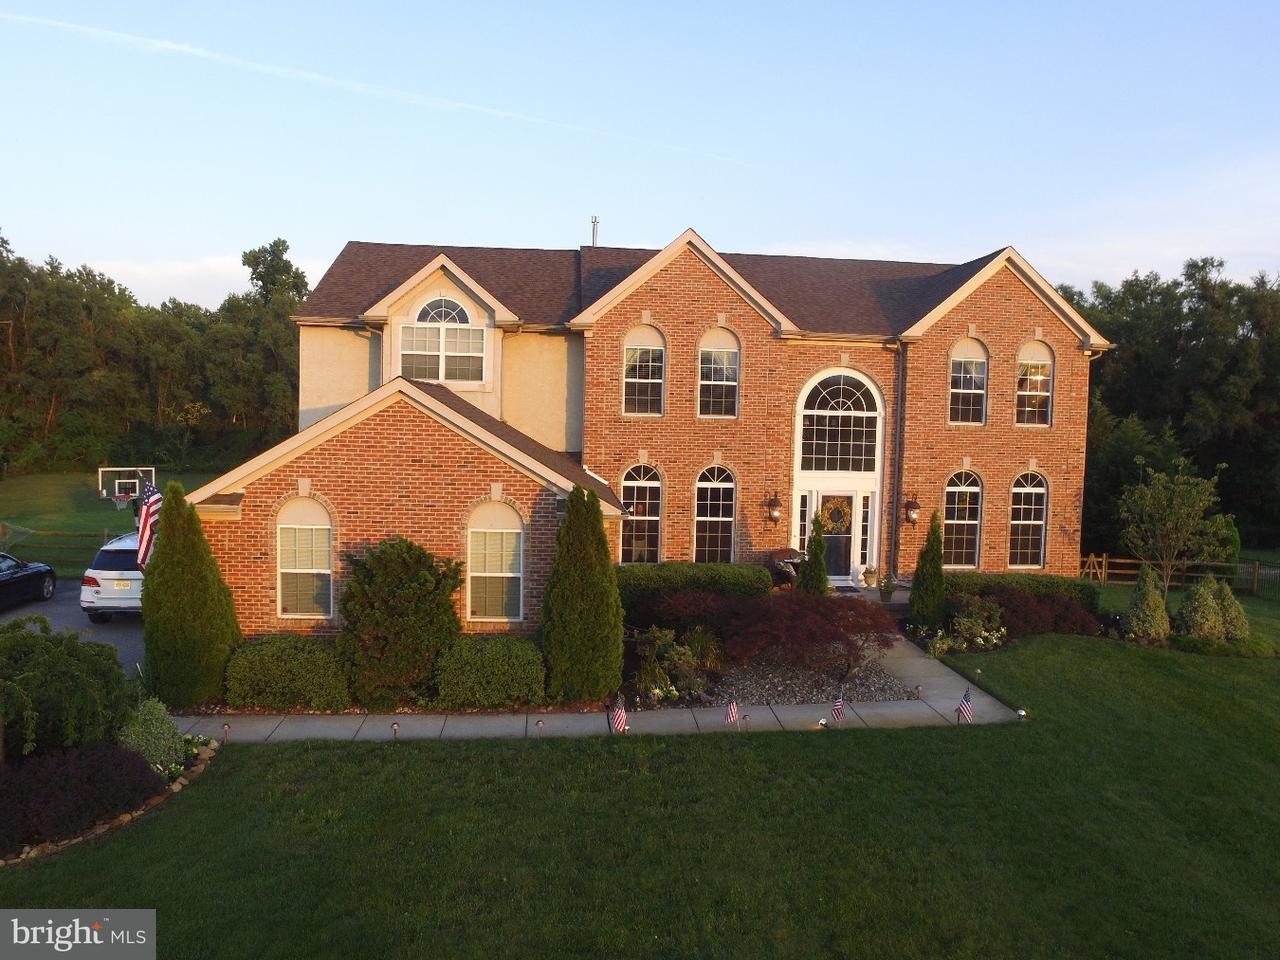 단독 가정 주택 용 매매 에 5 VICTORIA Drive Swedesboro, 뉴저지 08085 미국